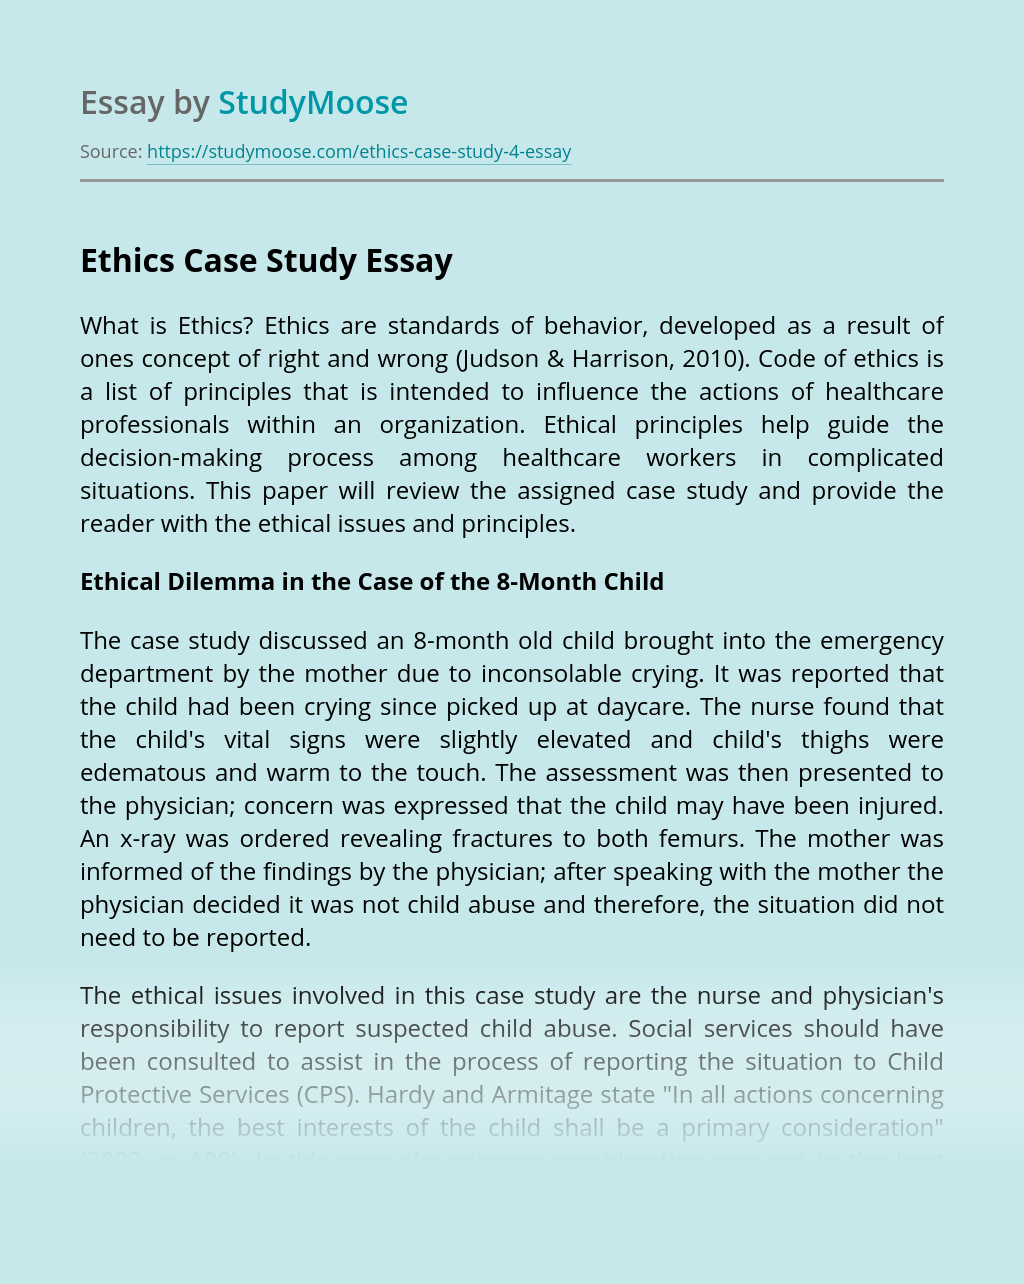 Ethics Case Study